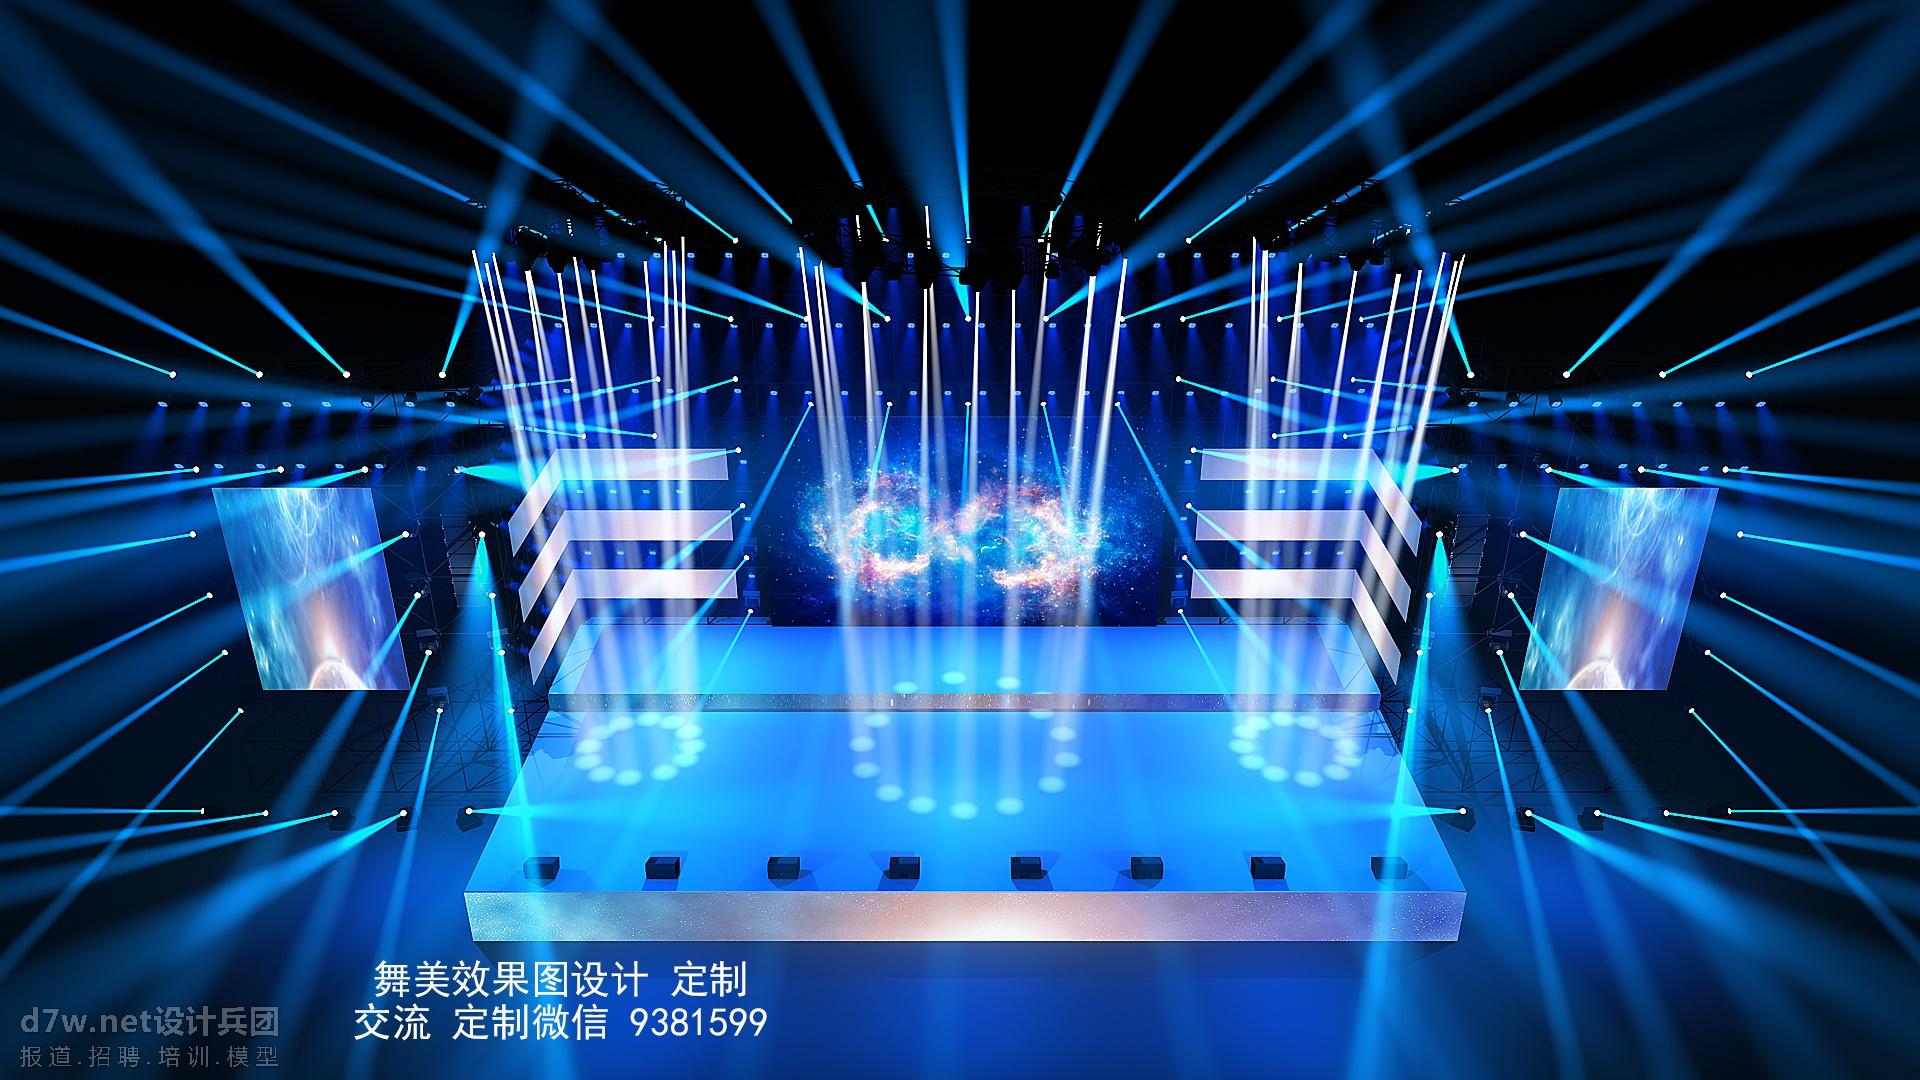 2020年会舞美 2020年会舞台 2020舞美设计 2020晚会设计 舞美效果图 舞台效果图 麦田舞美设计 舞美设计图 舞 ...